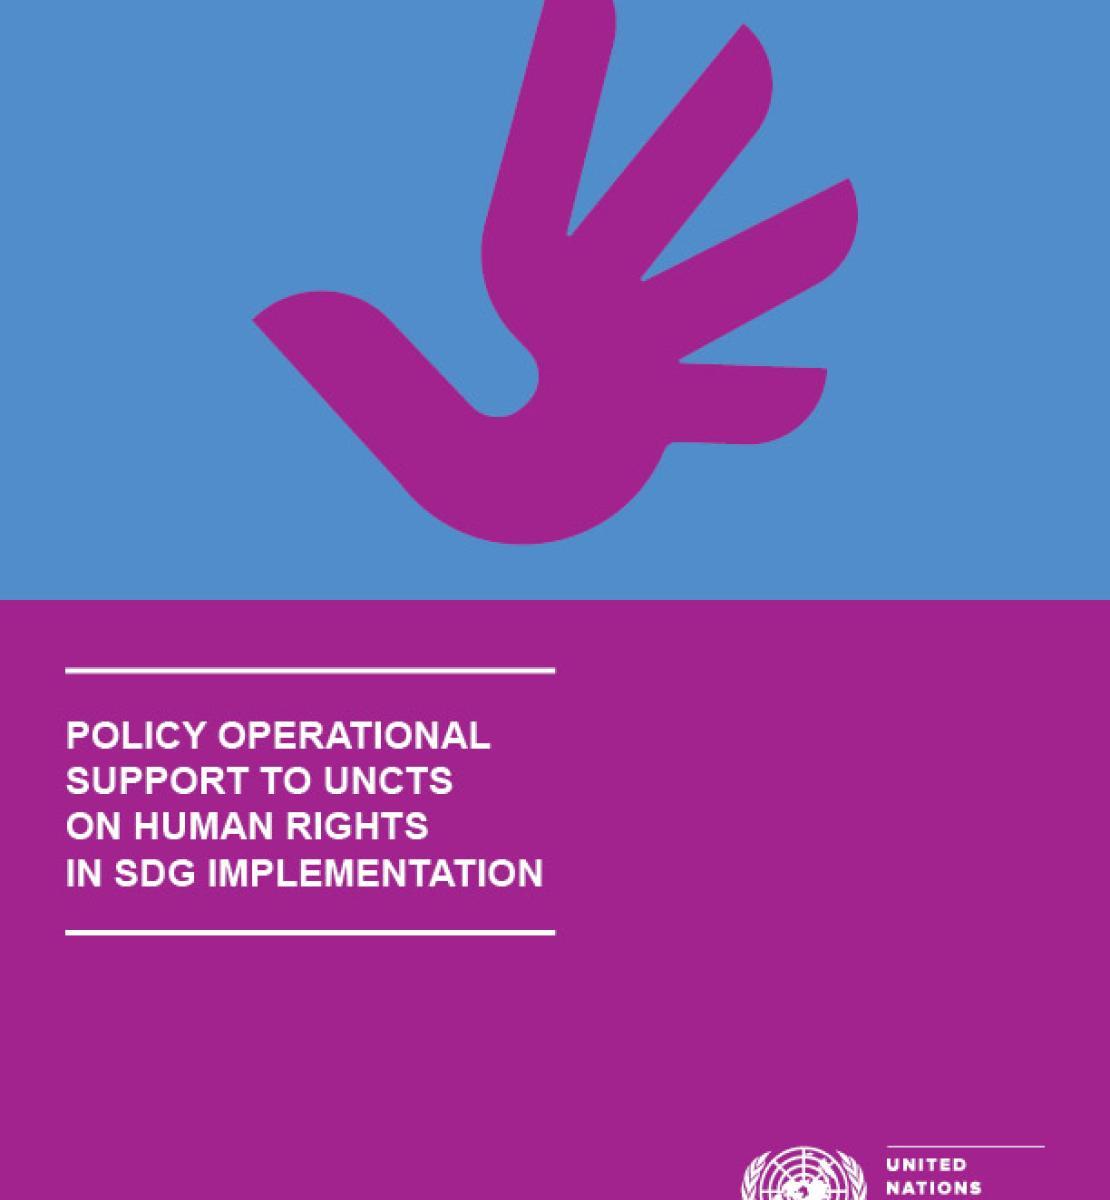 实施可持续发展目标过程中为联合国国家工作队提供的人权政策和活动支持